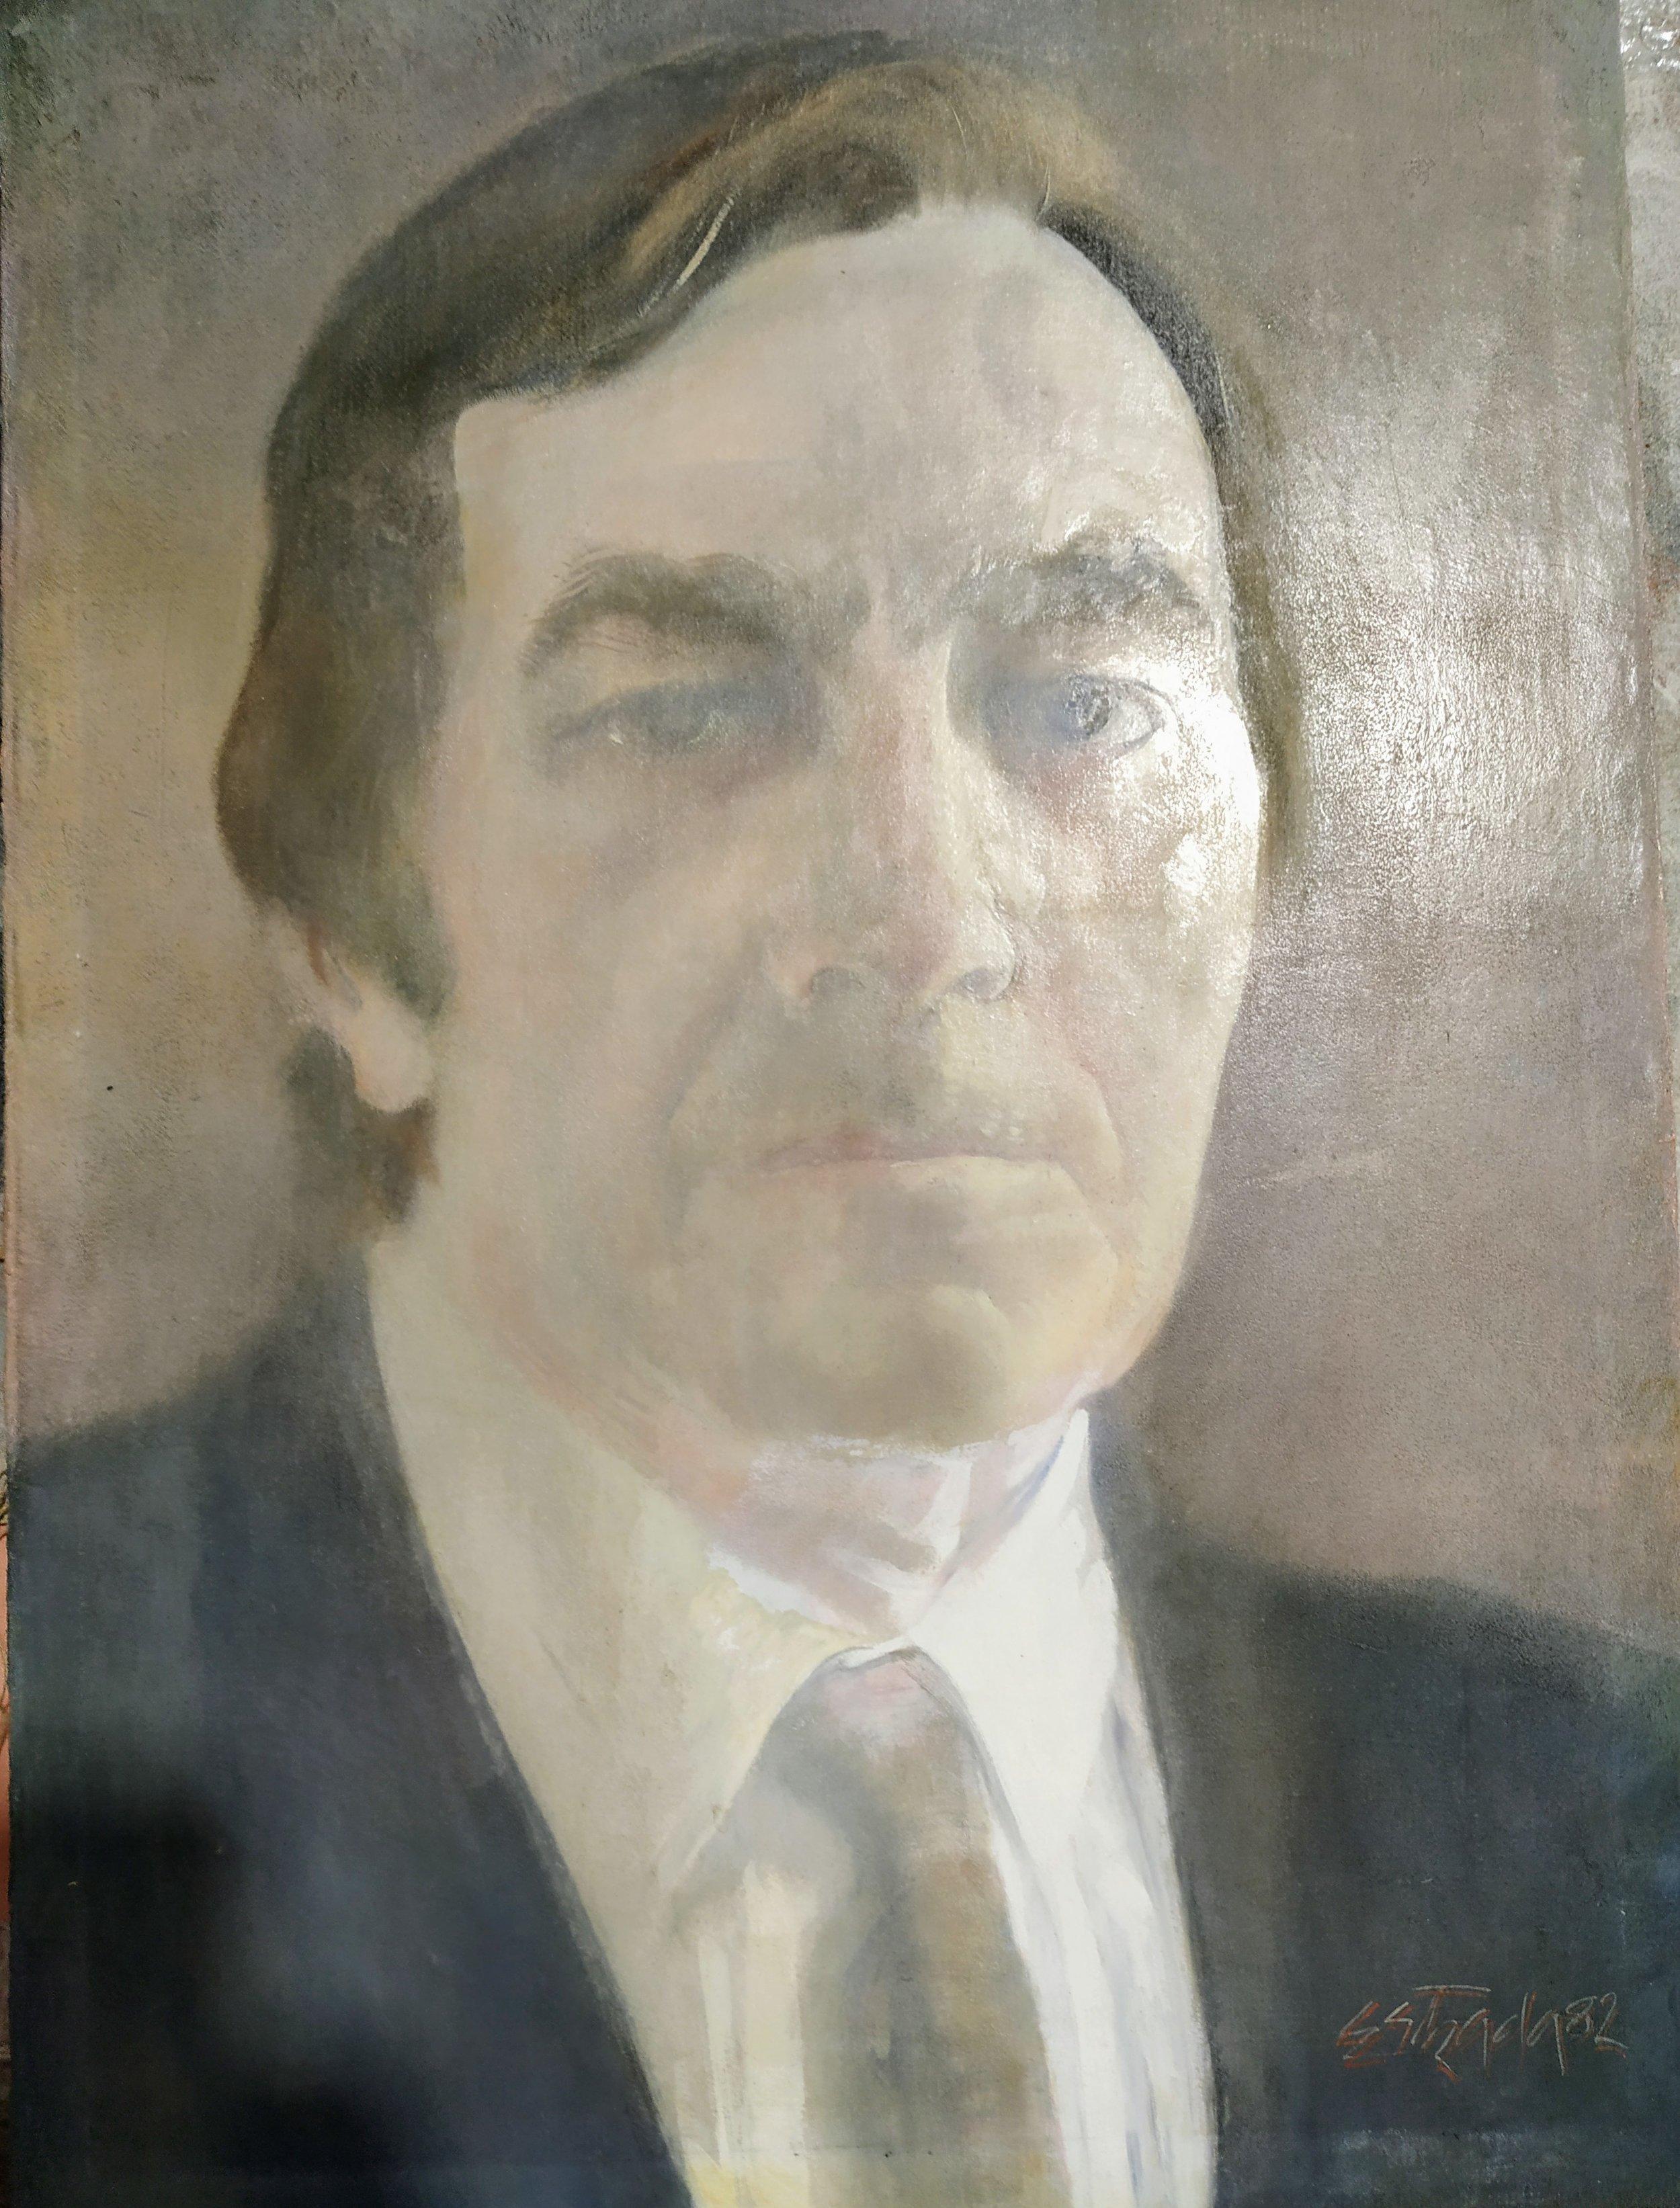 Modesto Piñeiro 1973-1977